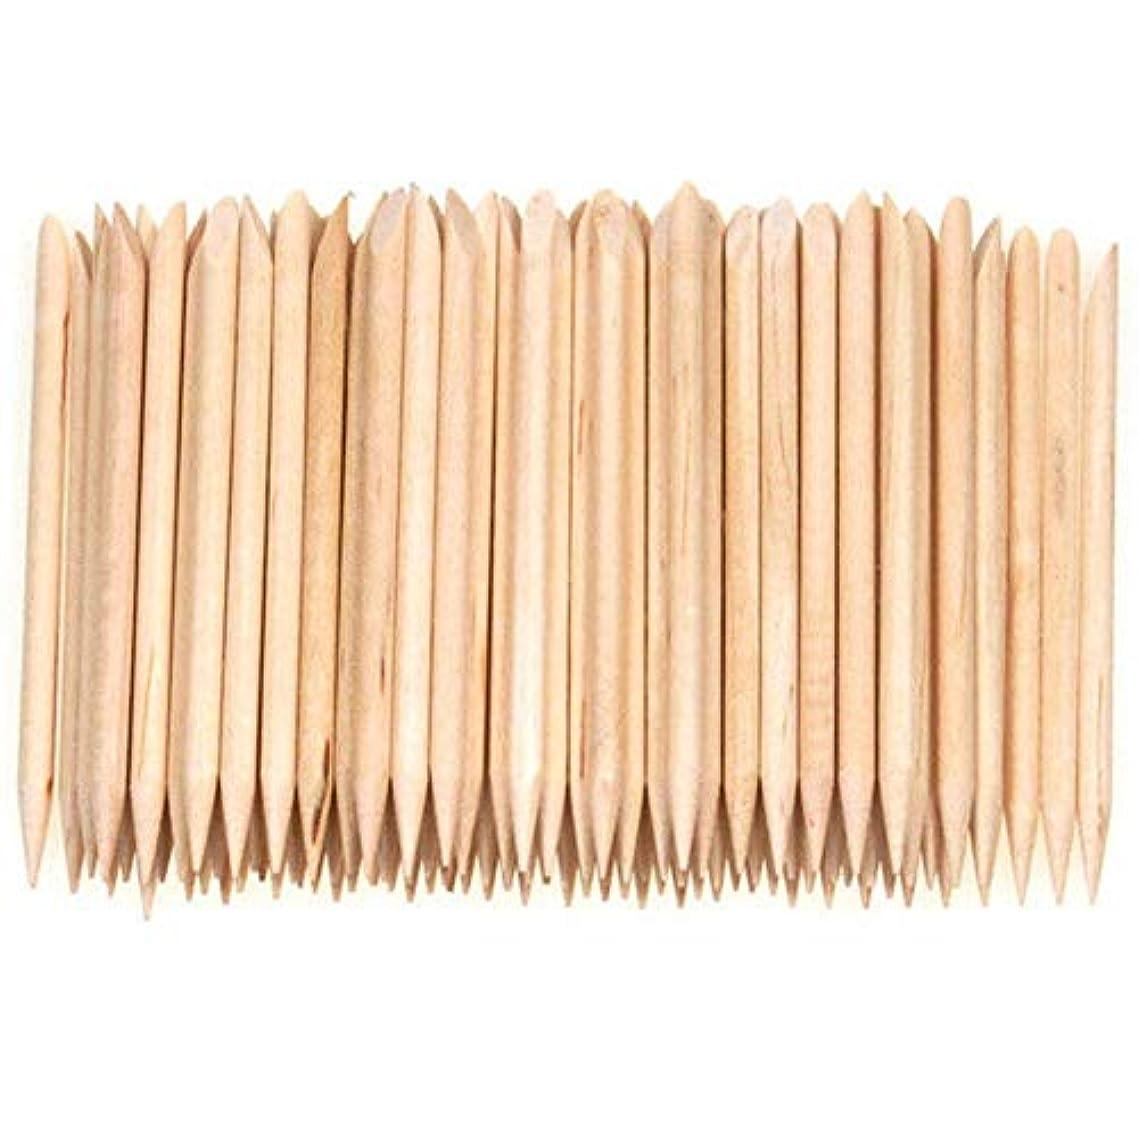 落ち込んでいるフォーカスファンドSemoic 100個ネイルアートデザイン木製の棒キューティクルプッシャーリムーバーマニキュアケア